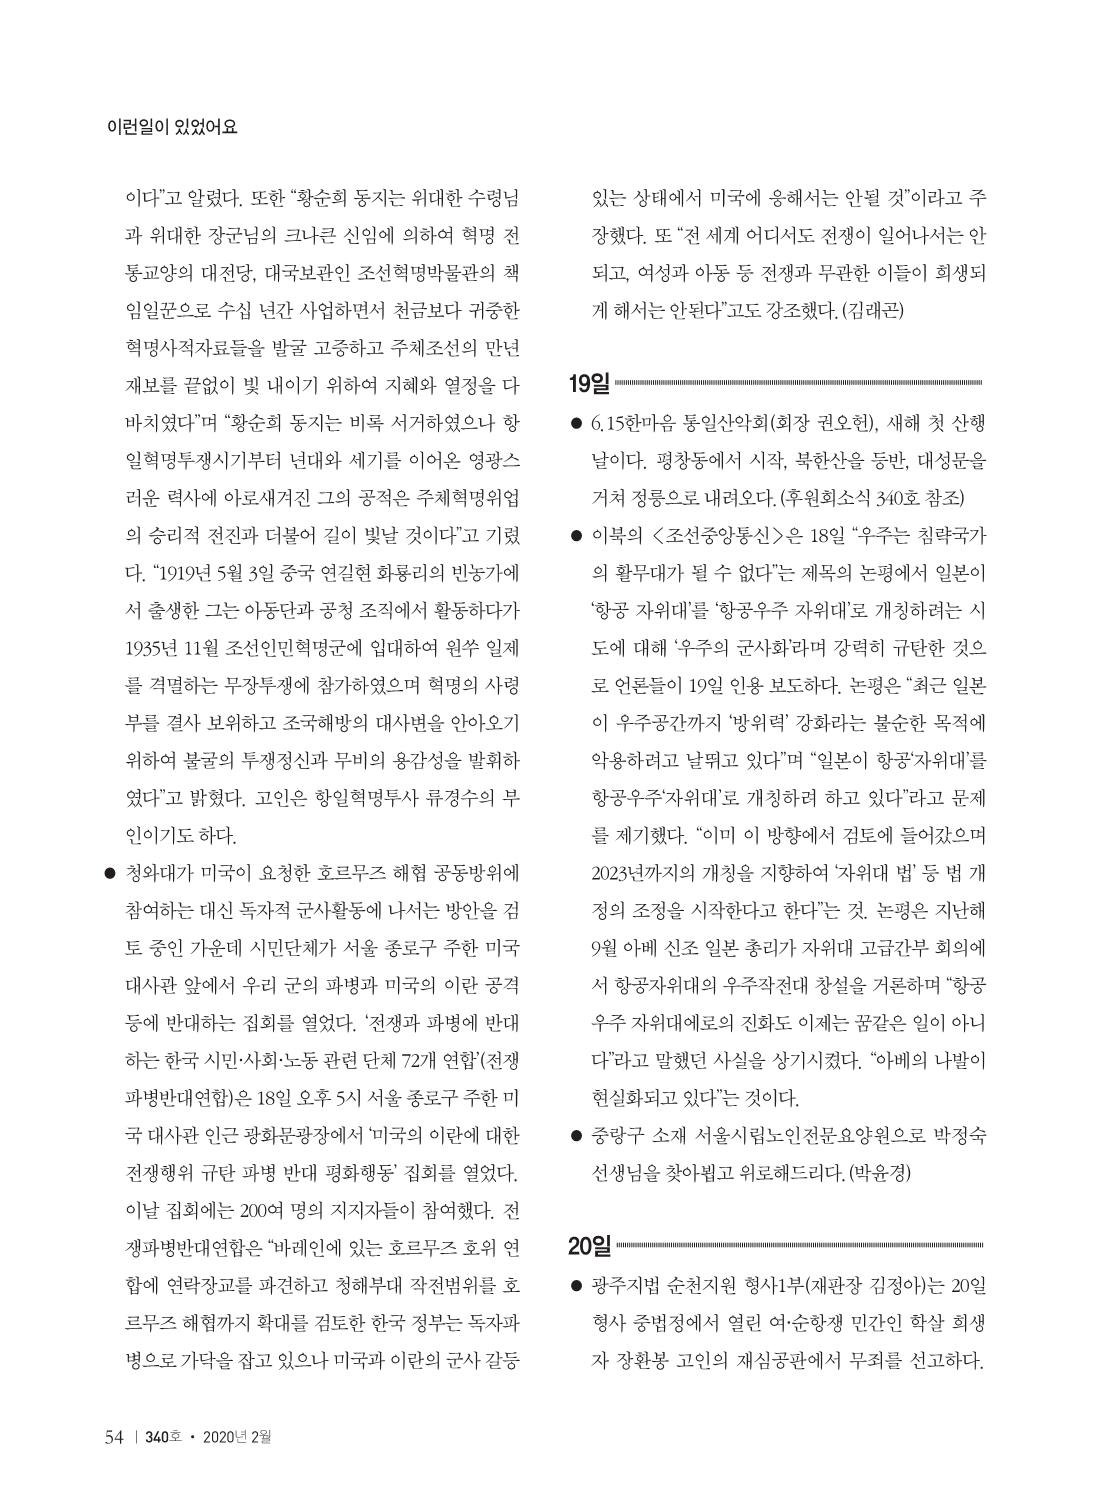 c3a550e7-2d95-46c0-bdec-64c56104ebf4.pdf-0056.png